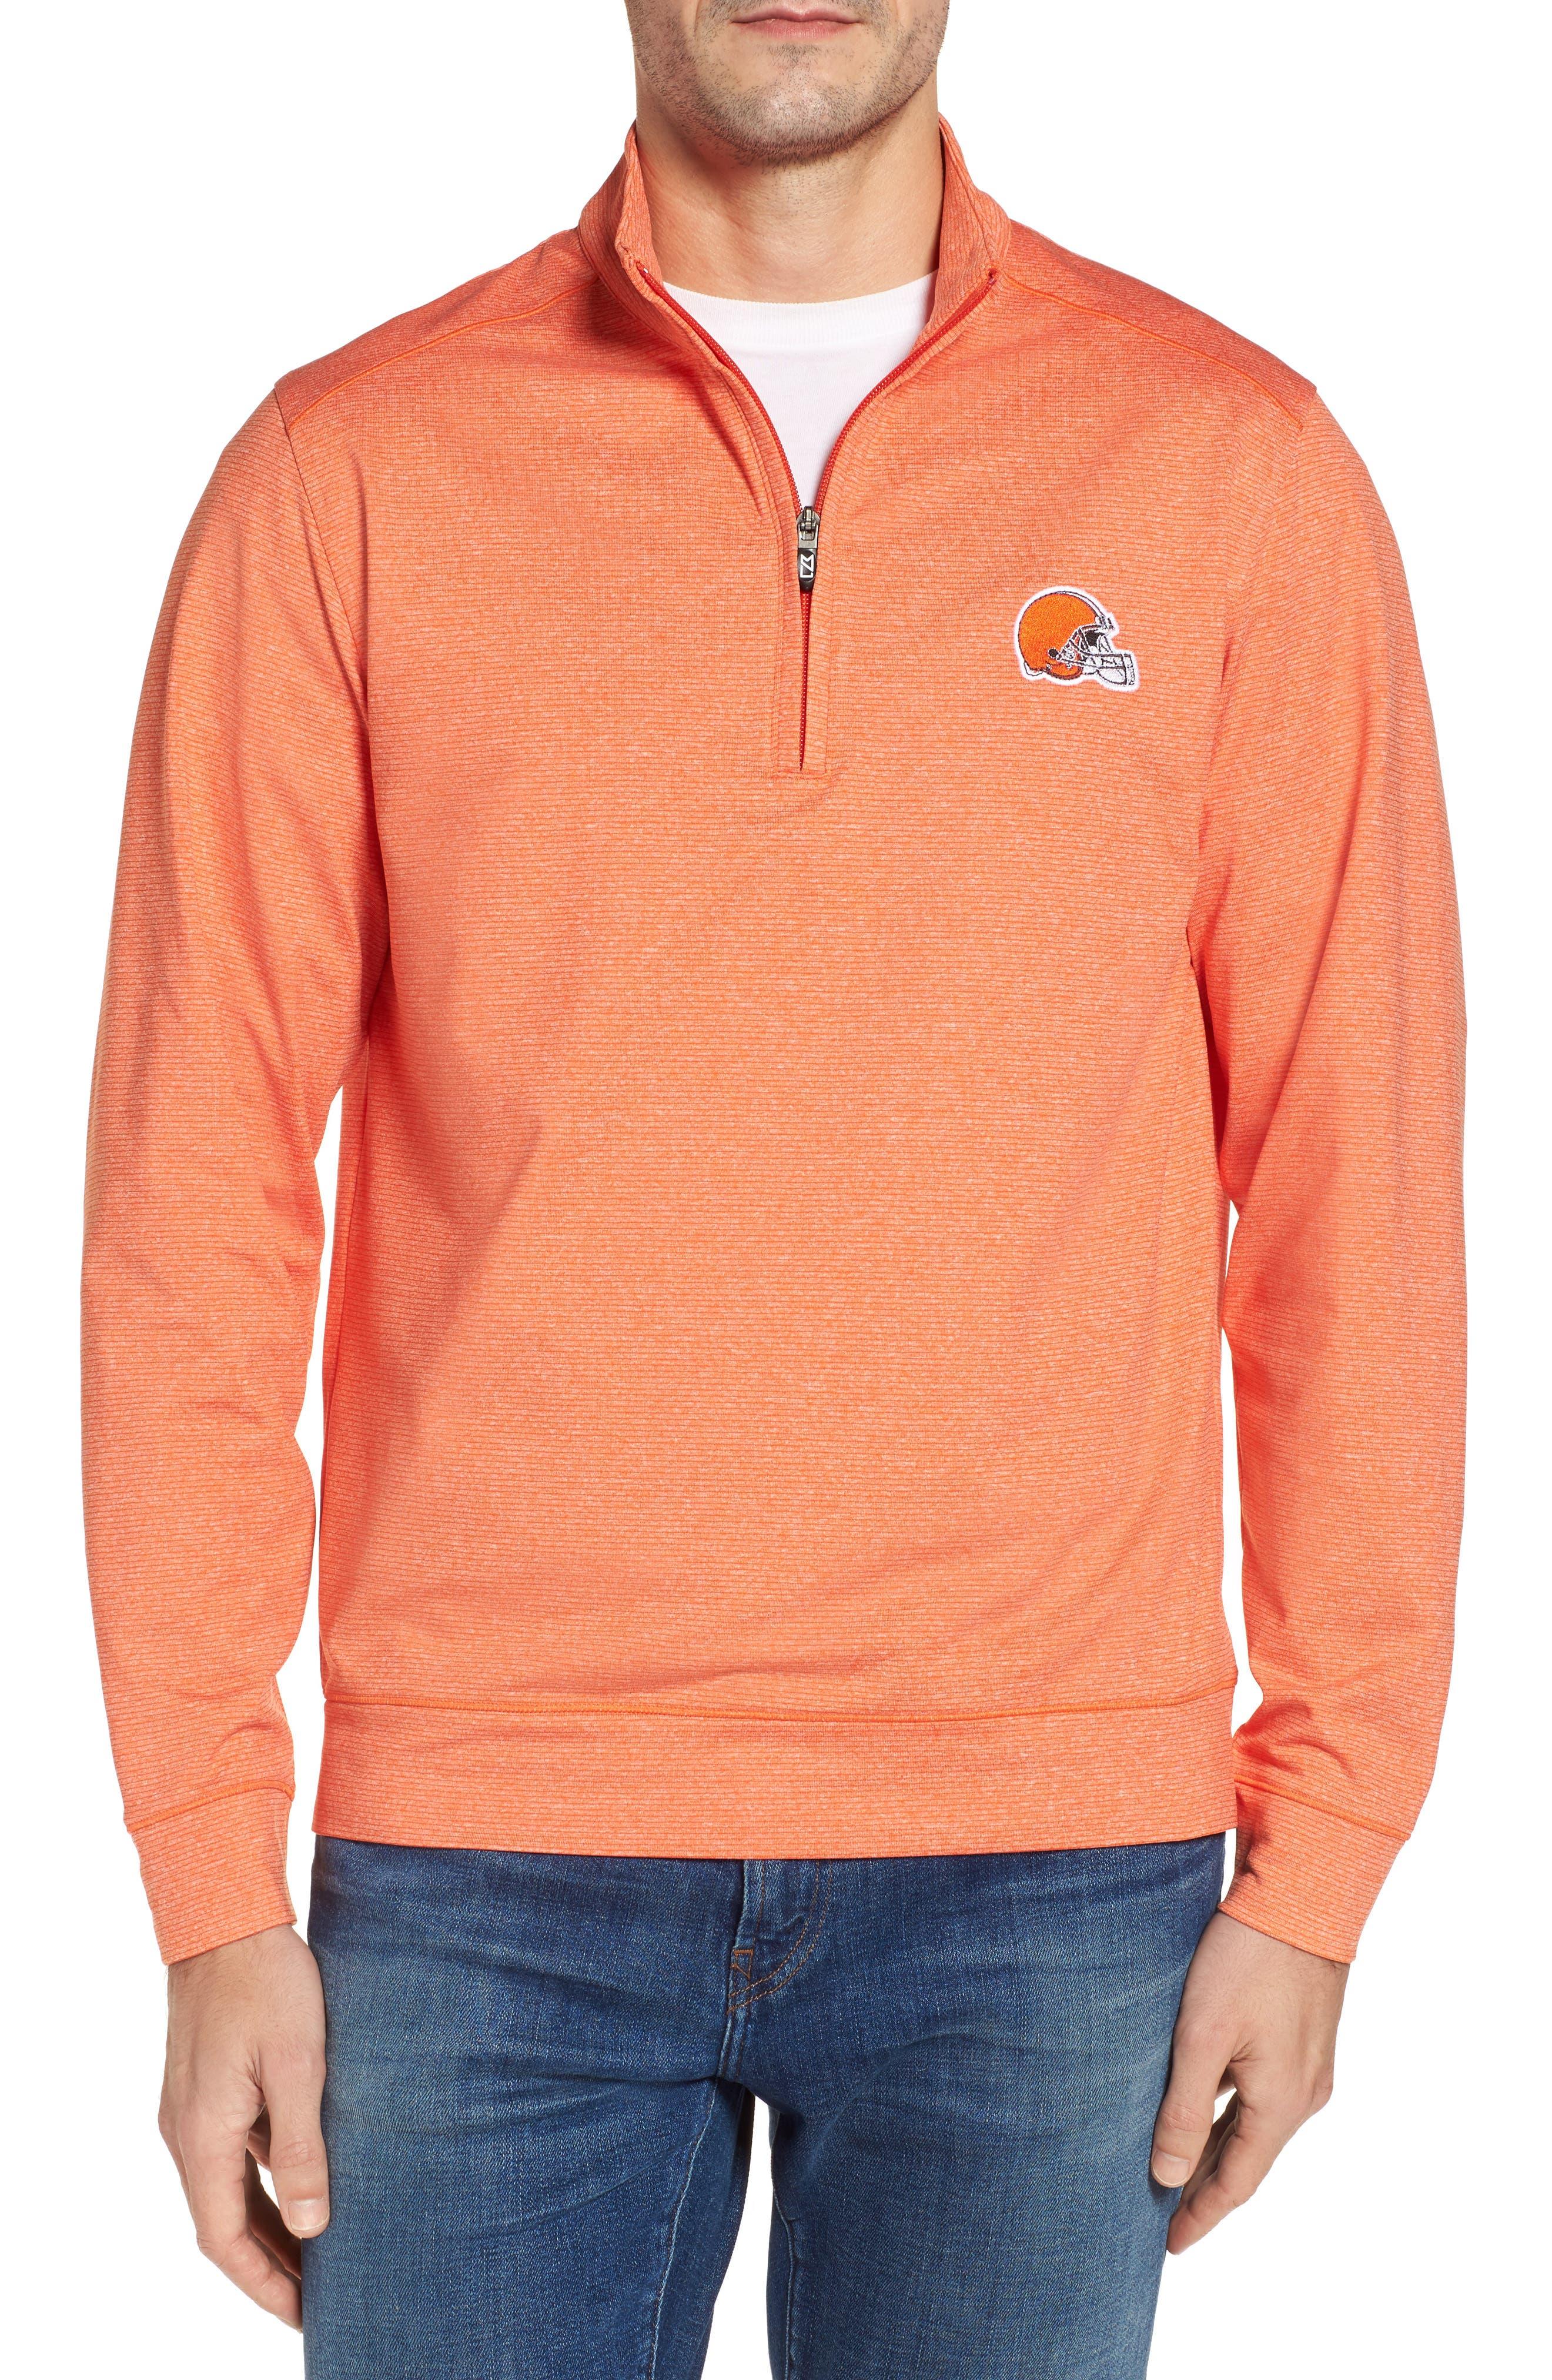 Shoreline - Cleveland Browns Half Zip Pullover,                         Main,                         color, 816